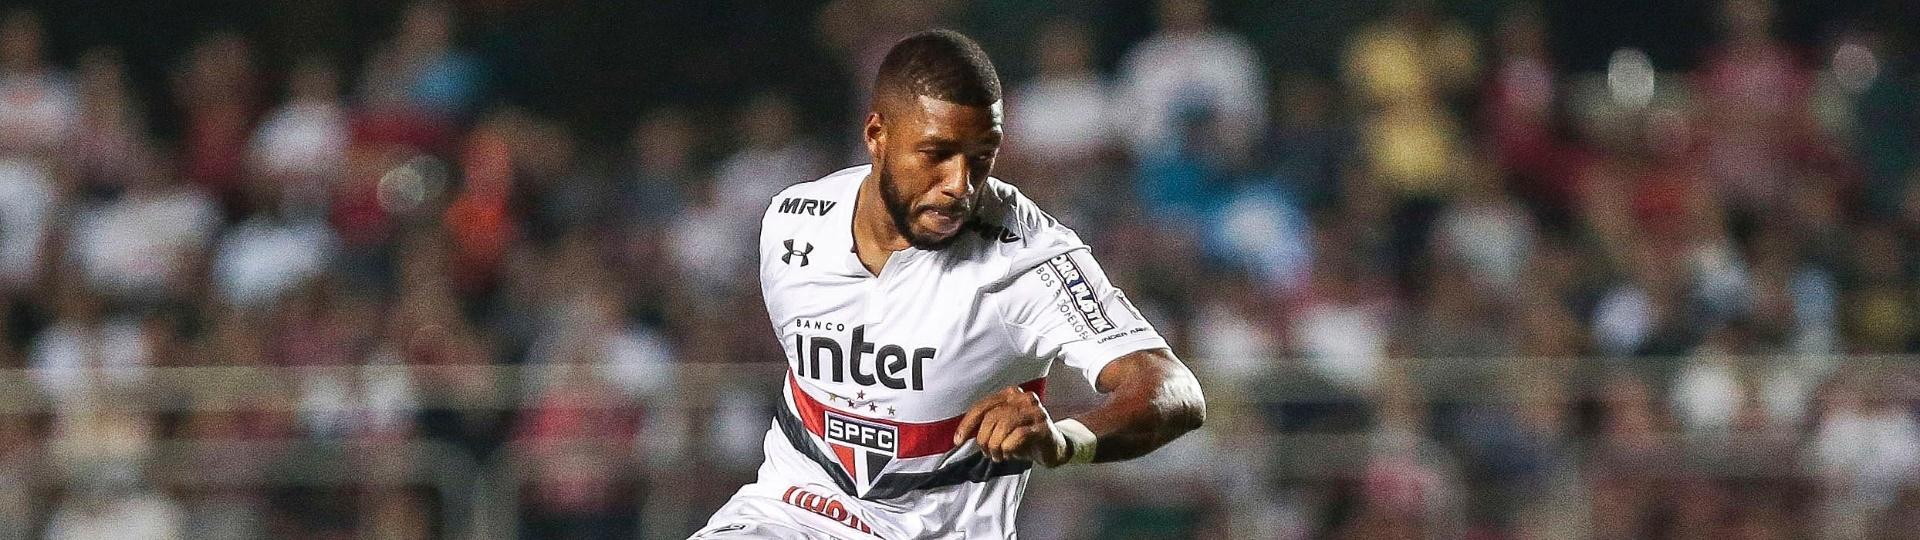 Jucilei, do São Paulo, em ação durante jogo contra a Ponte Preta